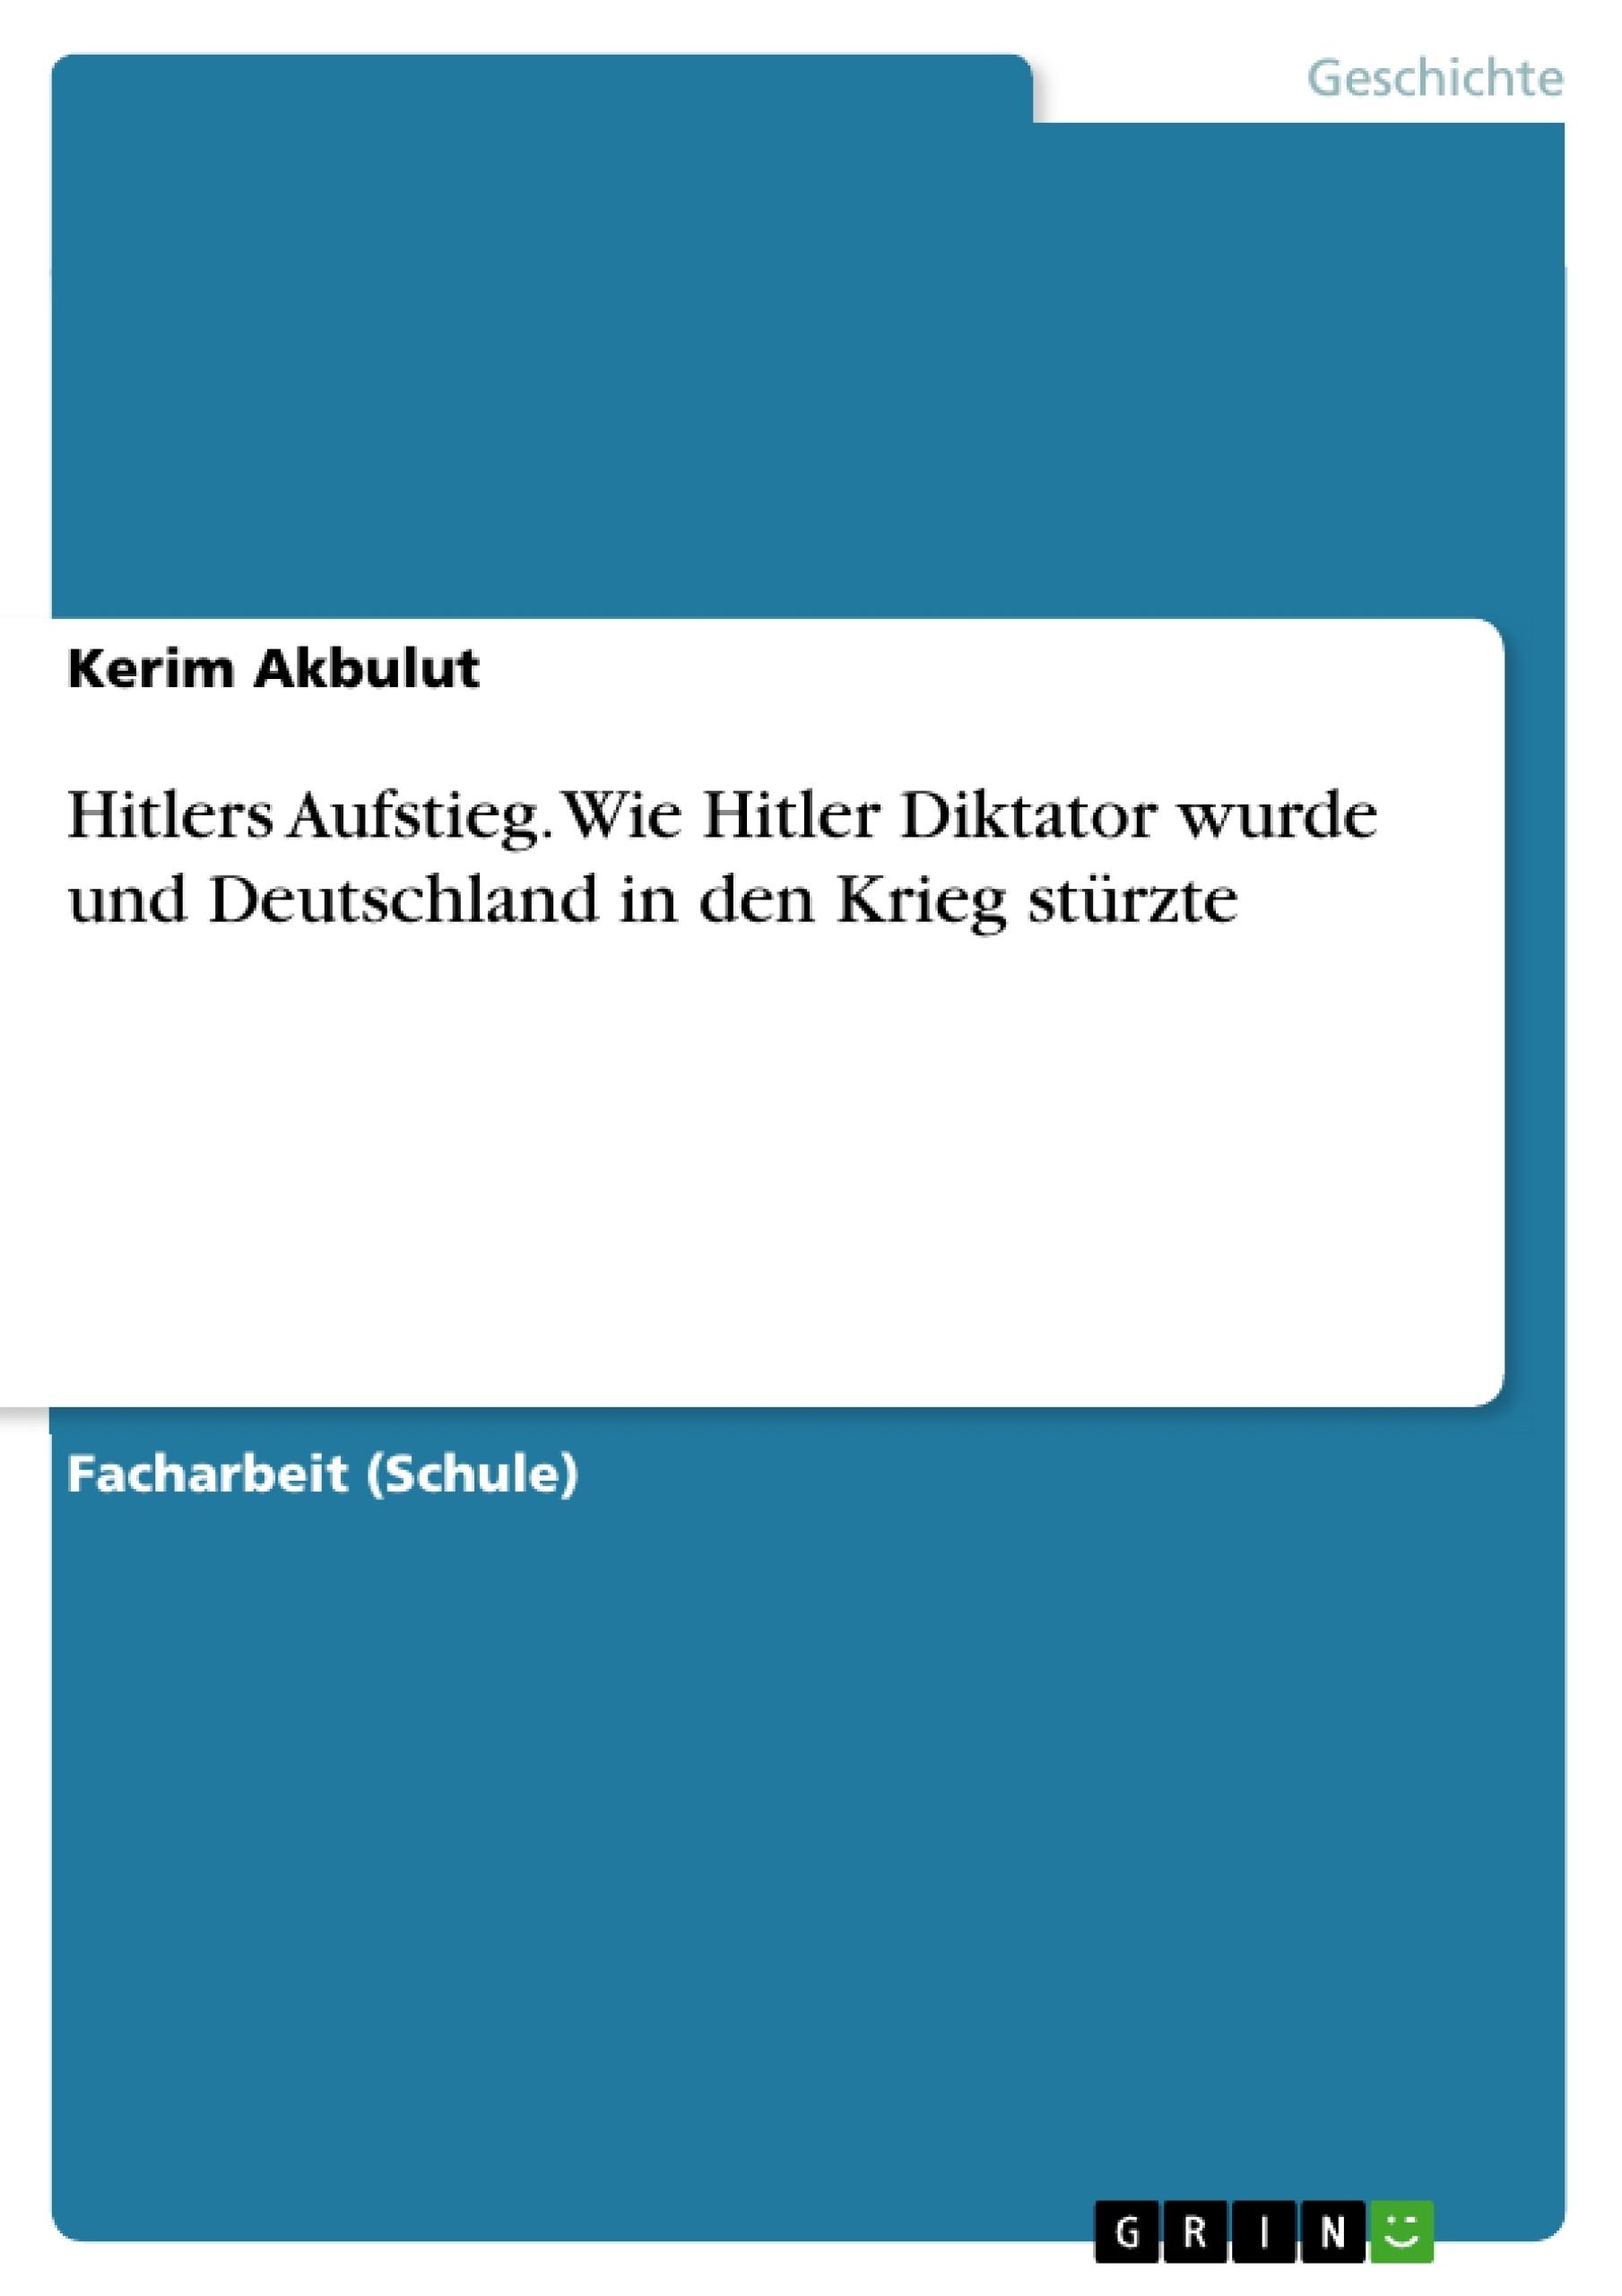 Titel: Hitlers Aufstieg. Wie Hitler Diktator wurde und Deutschland in den Krieg stürzte